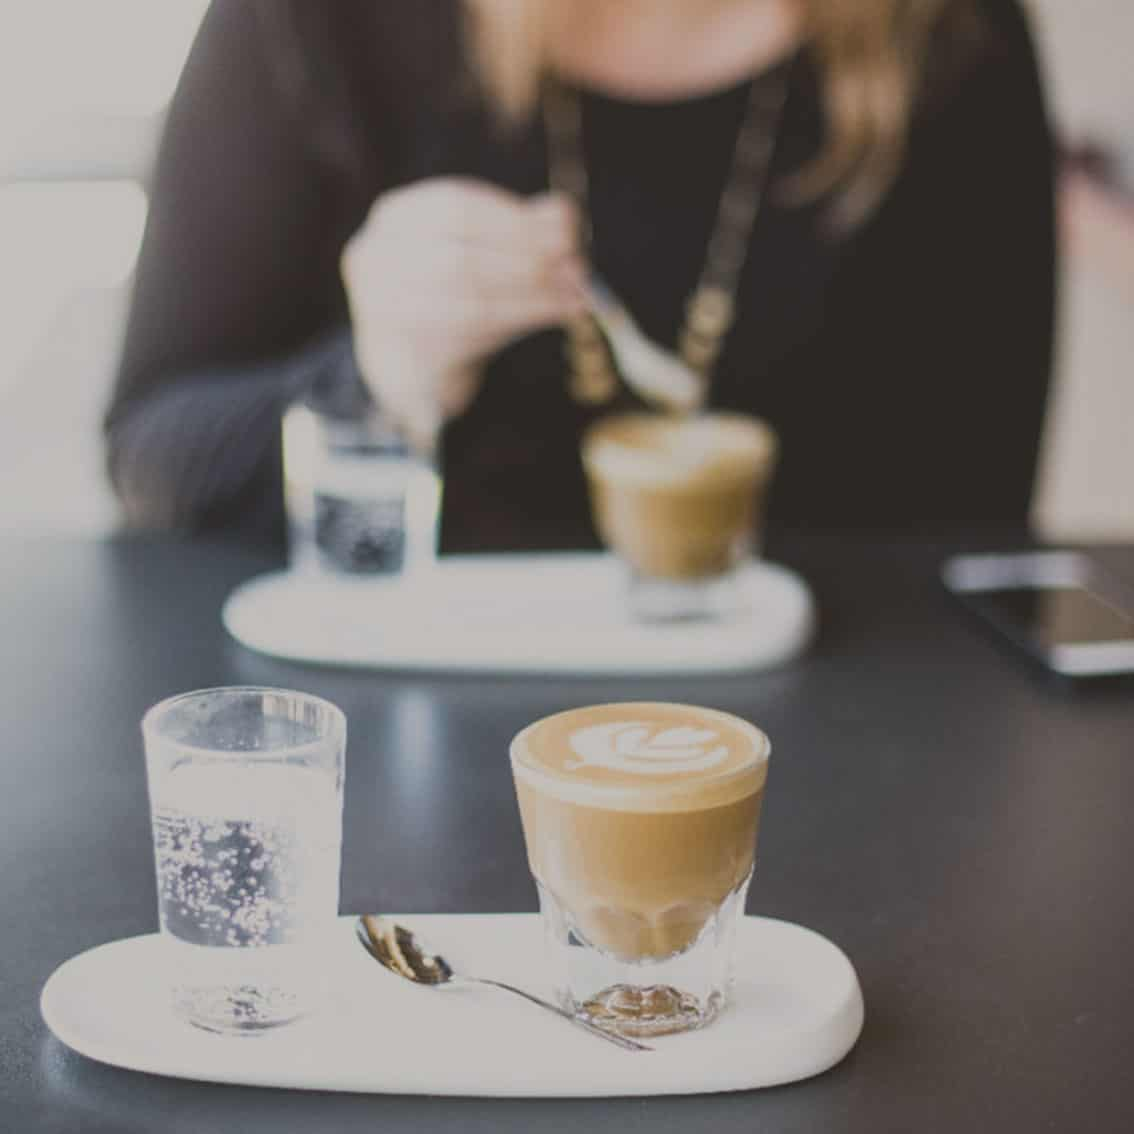 Café Pause nach Veranstaltungen für zwei Personen, die am Tisch sitzen